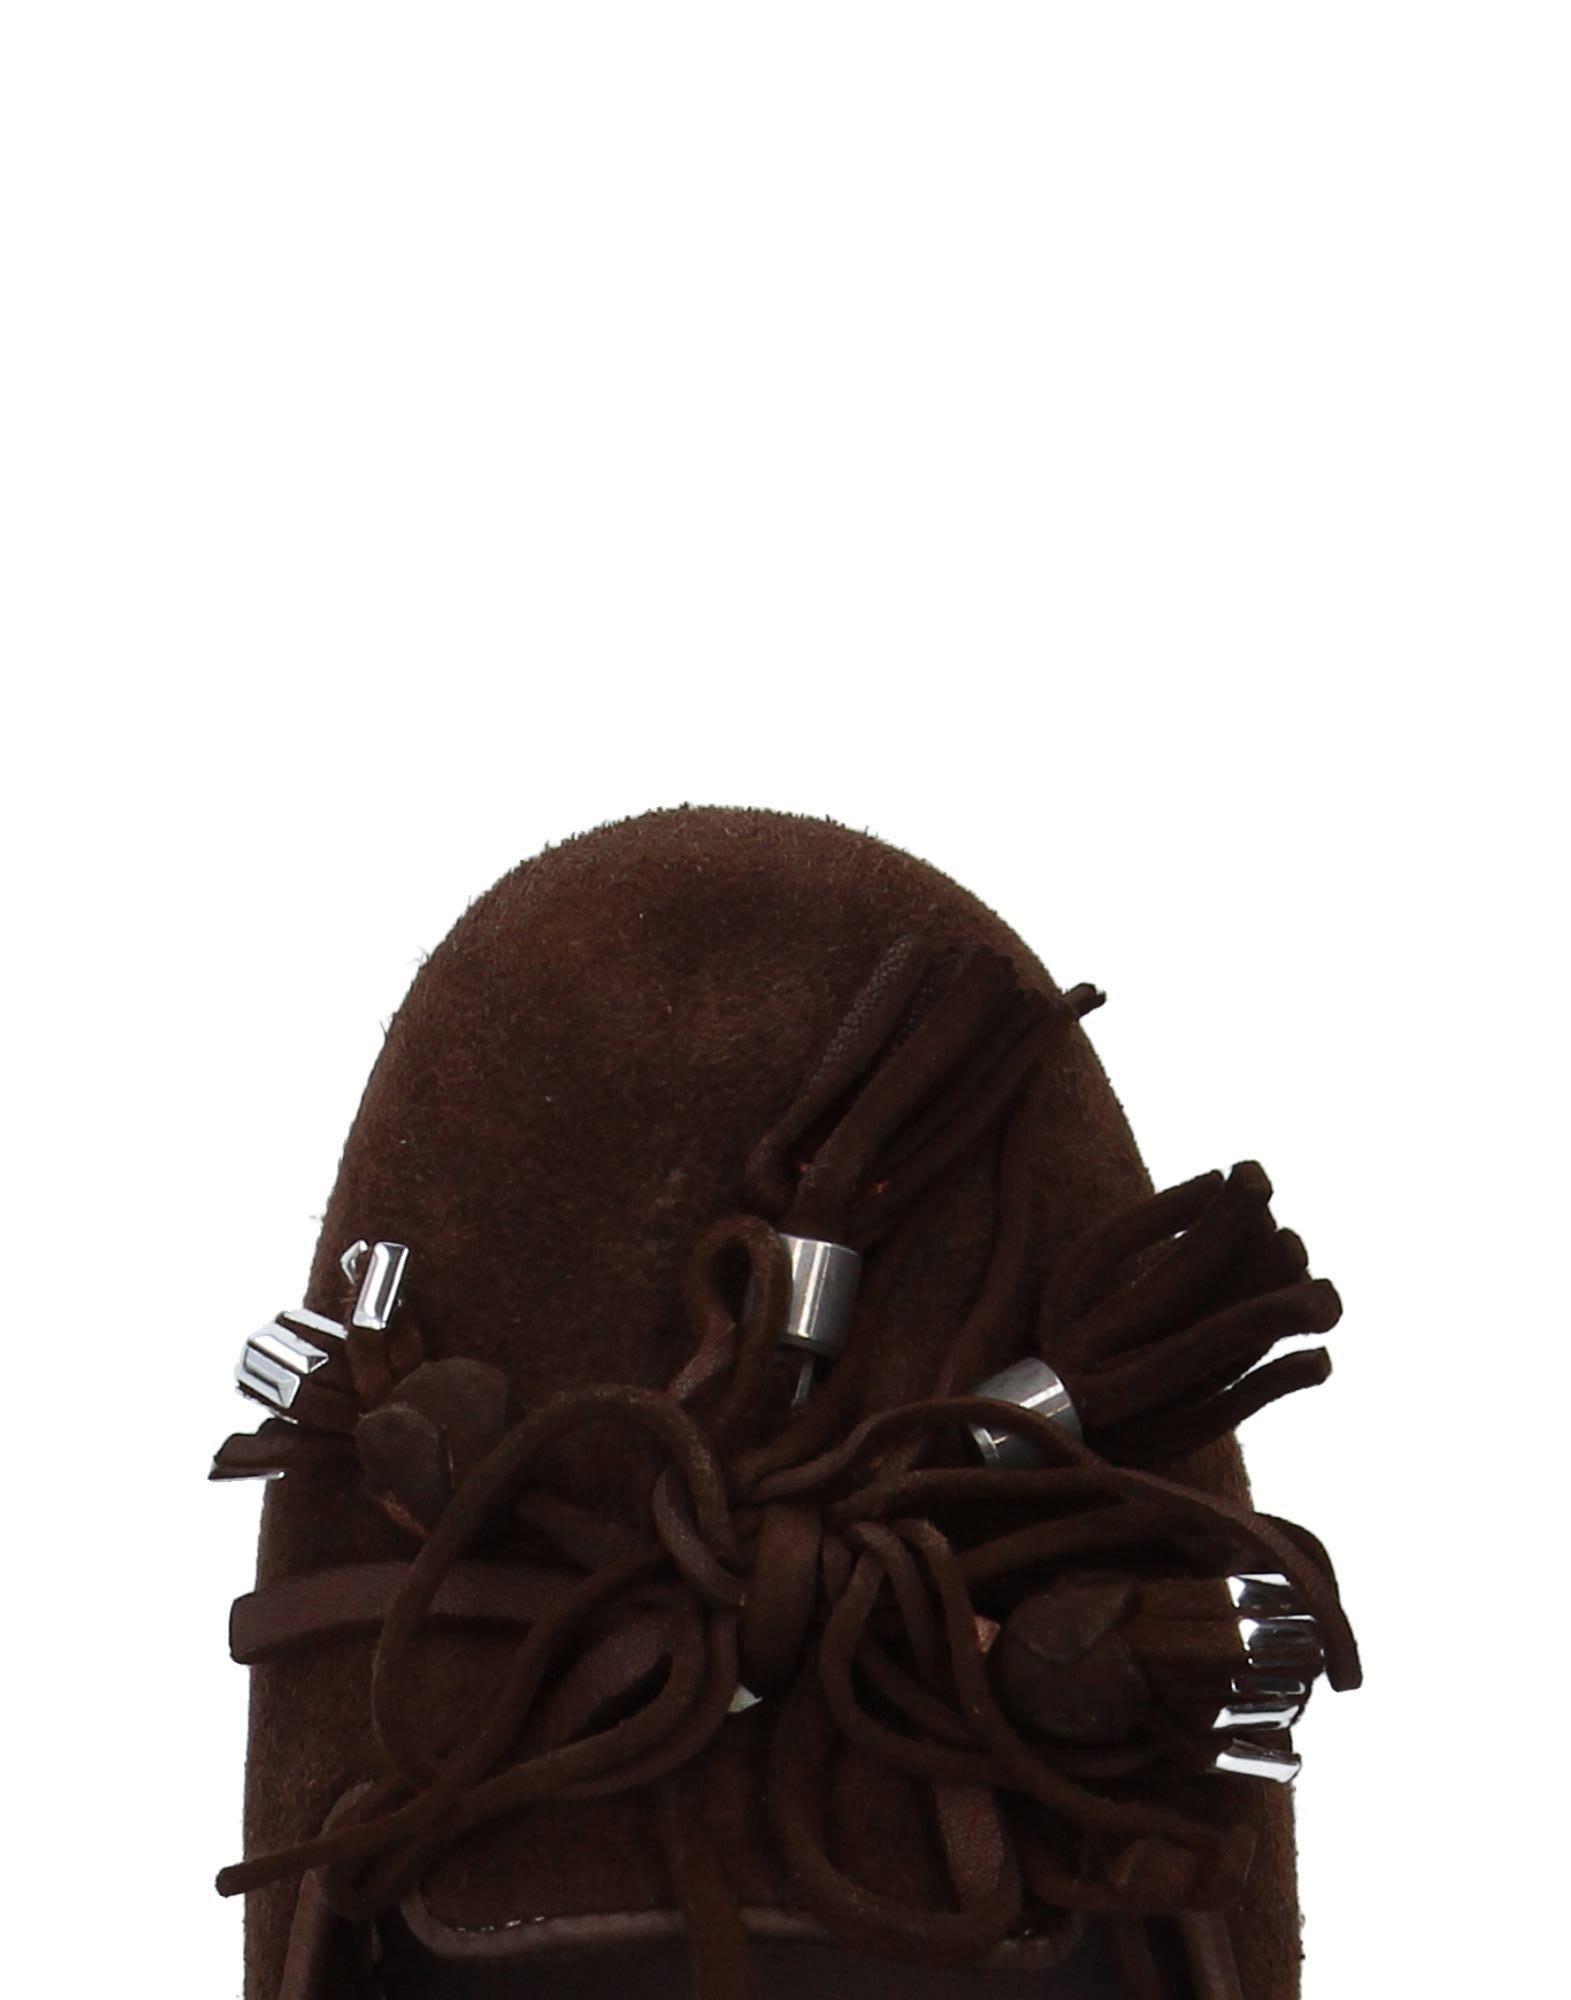 Stilvolle billige Schuhe Pantofola D'oro Mokassins Damen Damen Damen  11353886TW 71b531